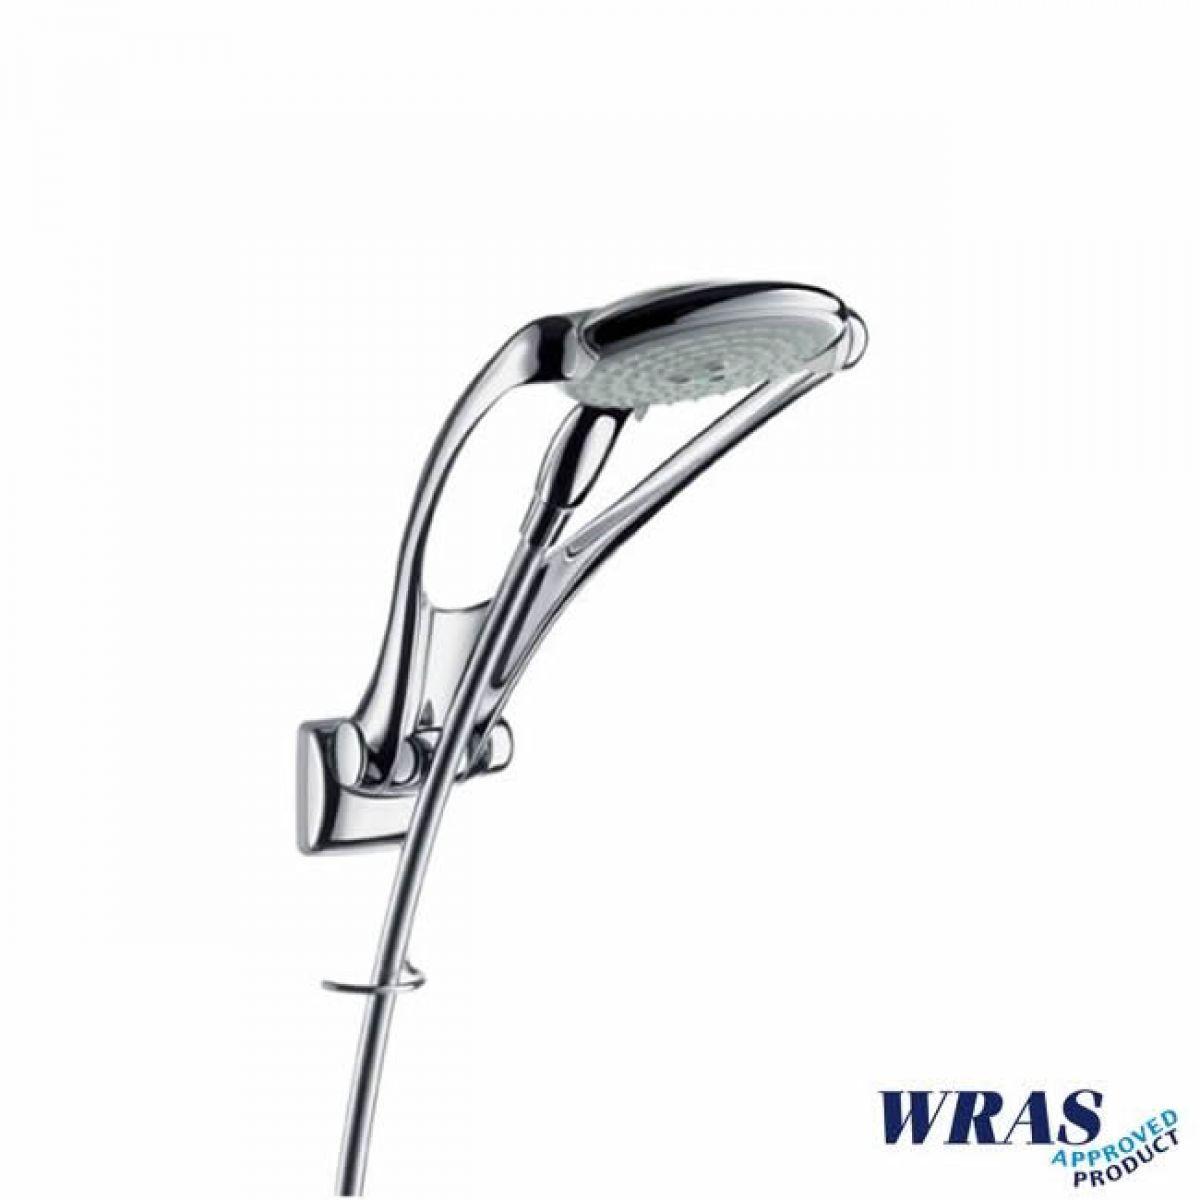 hansgrohe raindance air allrounder shower set uk bathrooms. Black Bedroom Furniture Sets. Home Design Ideas